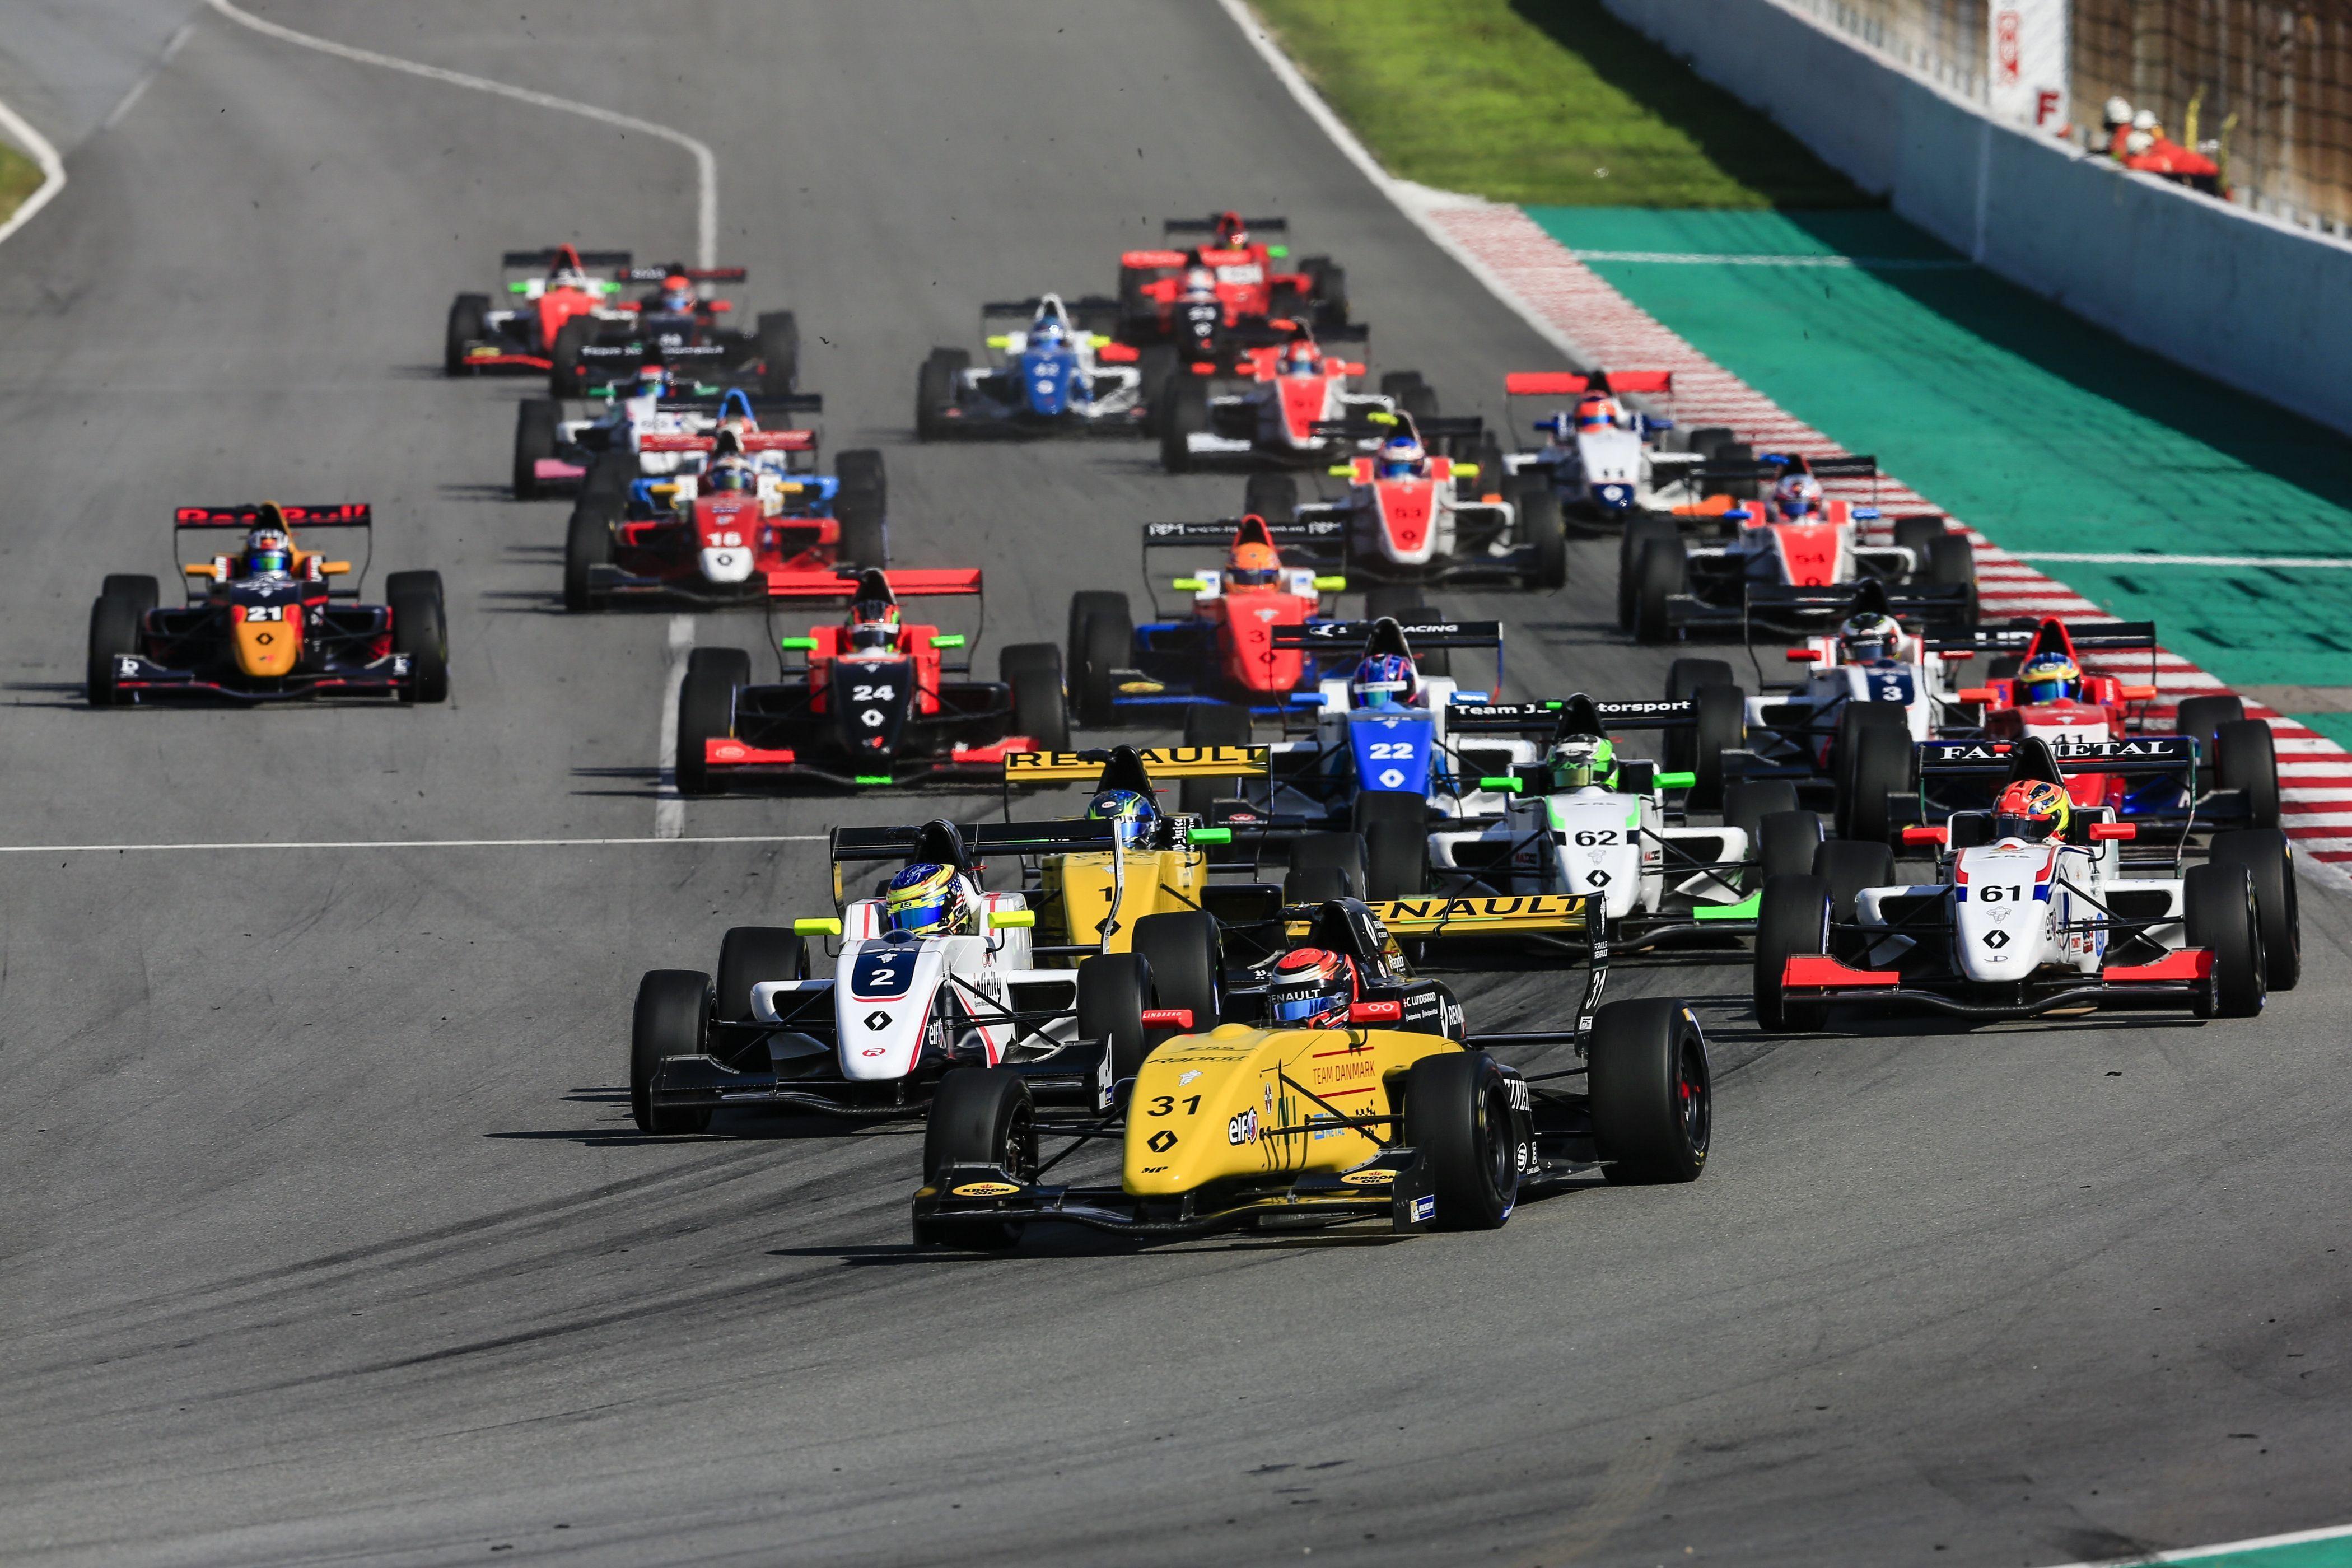 Calendario Eurocup.La Formula Renault Eurocup Anuncia El Calendario De 2019